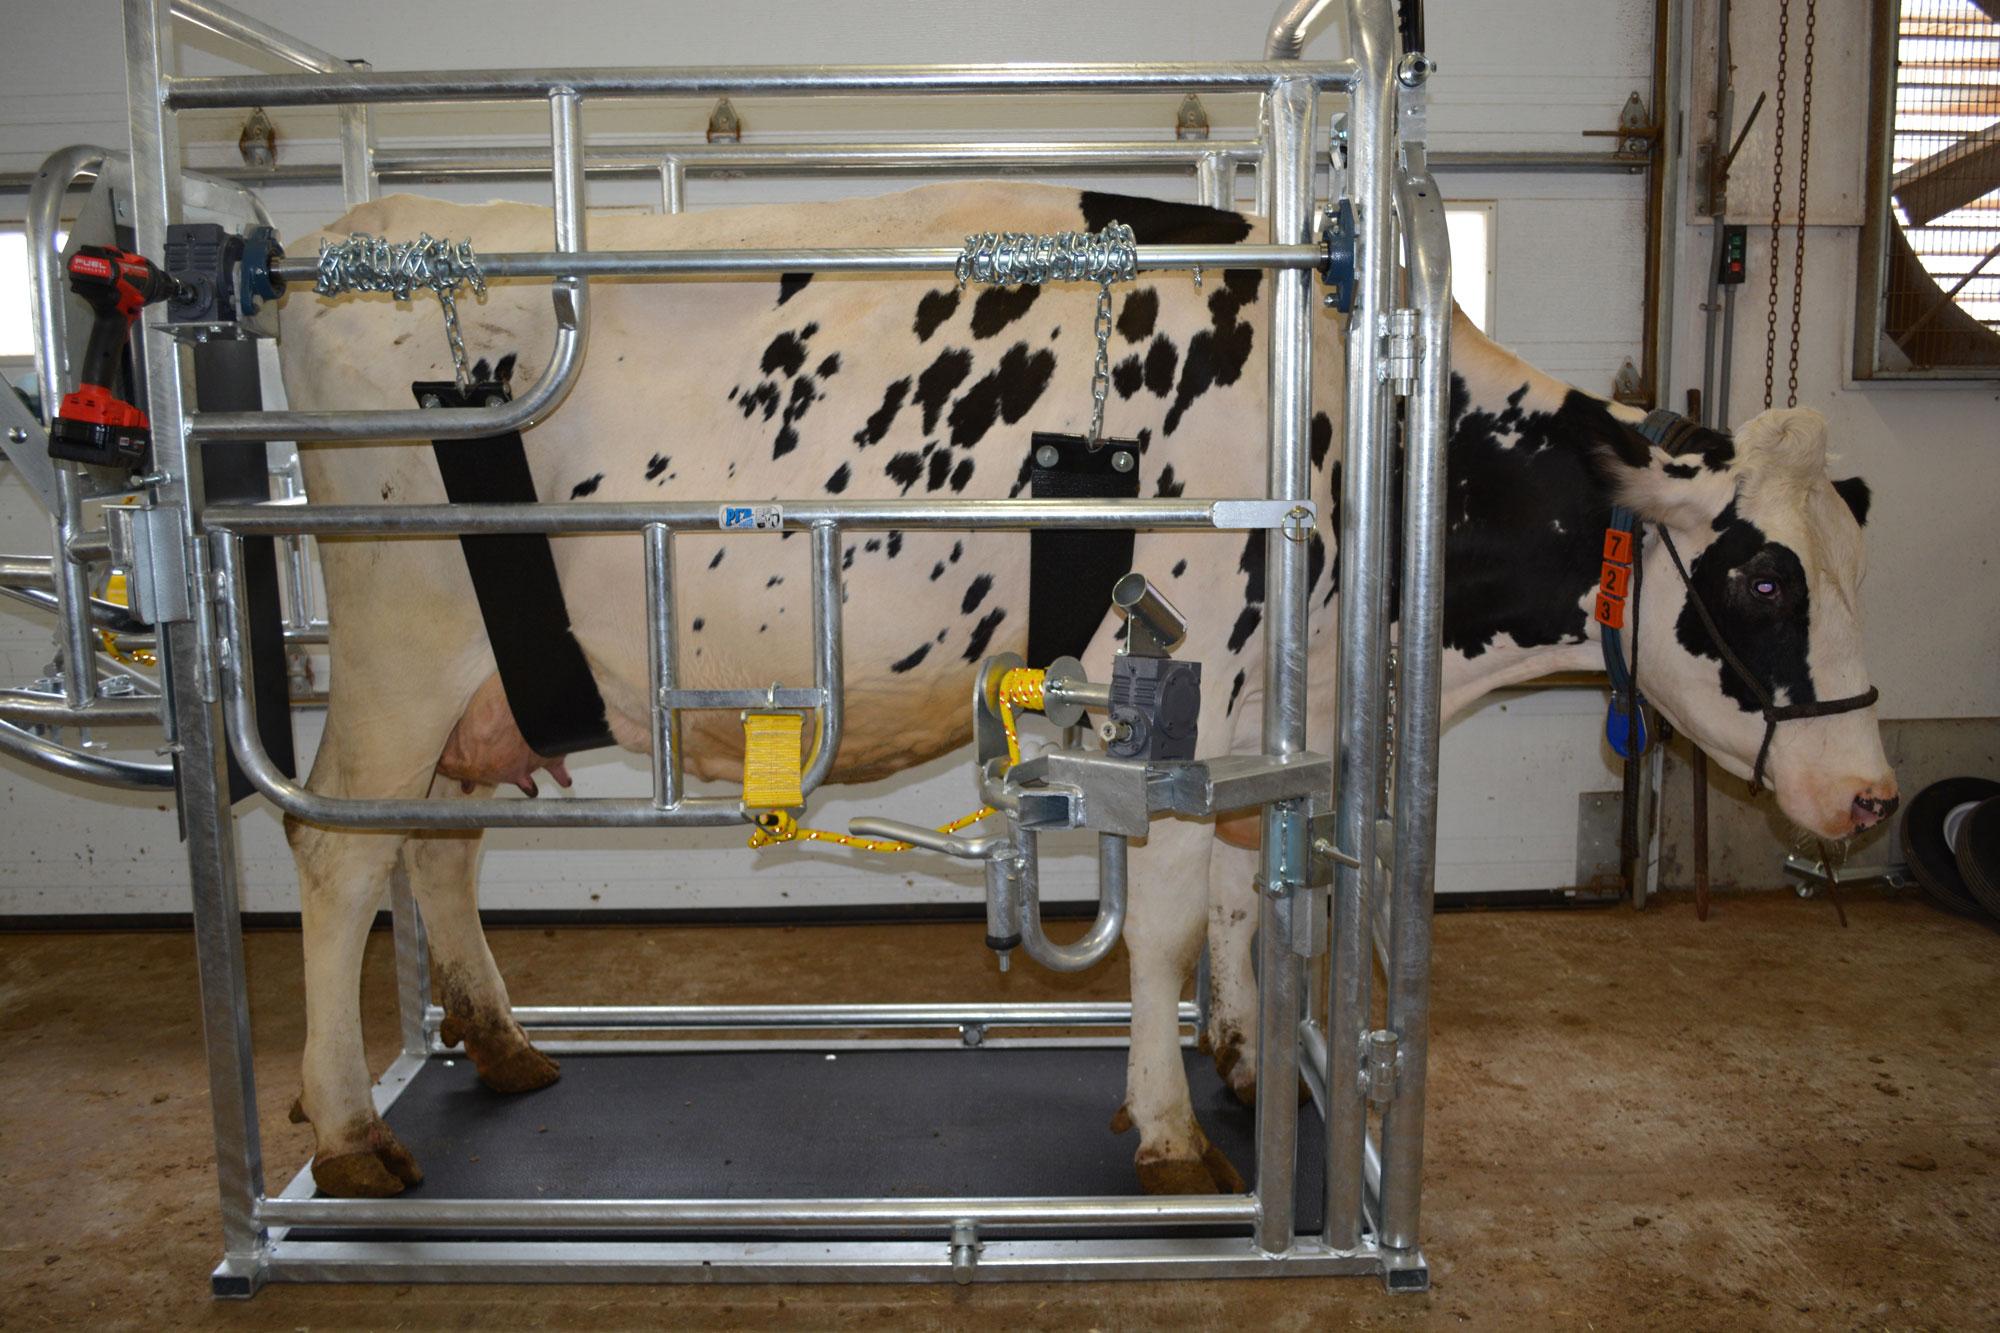 taille sabot / comment attacher vache pour stabiliser